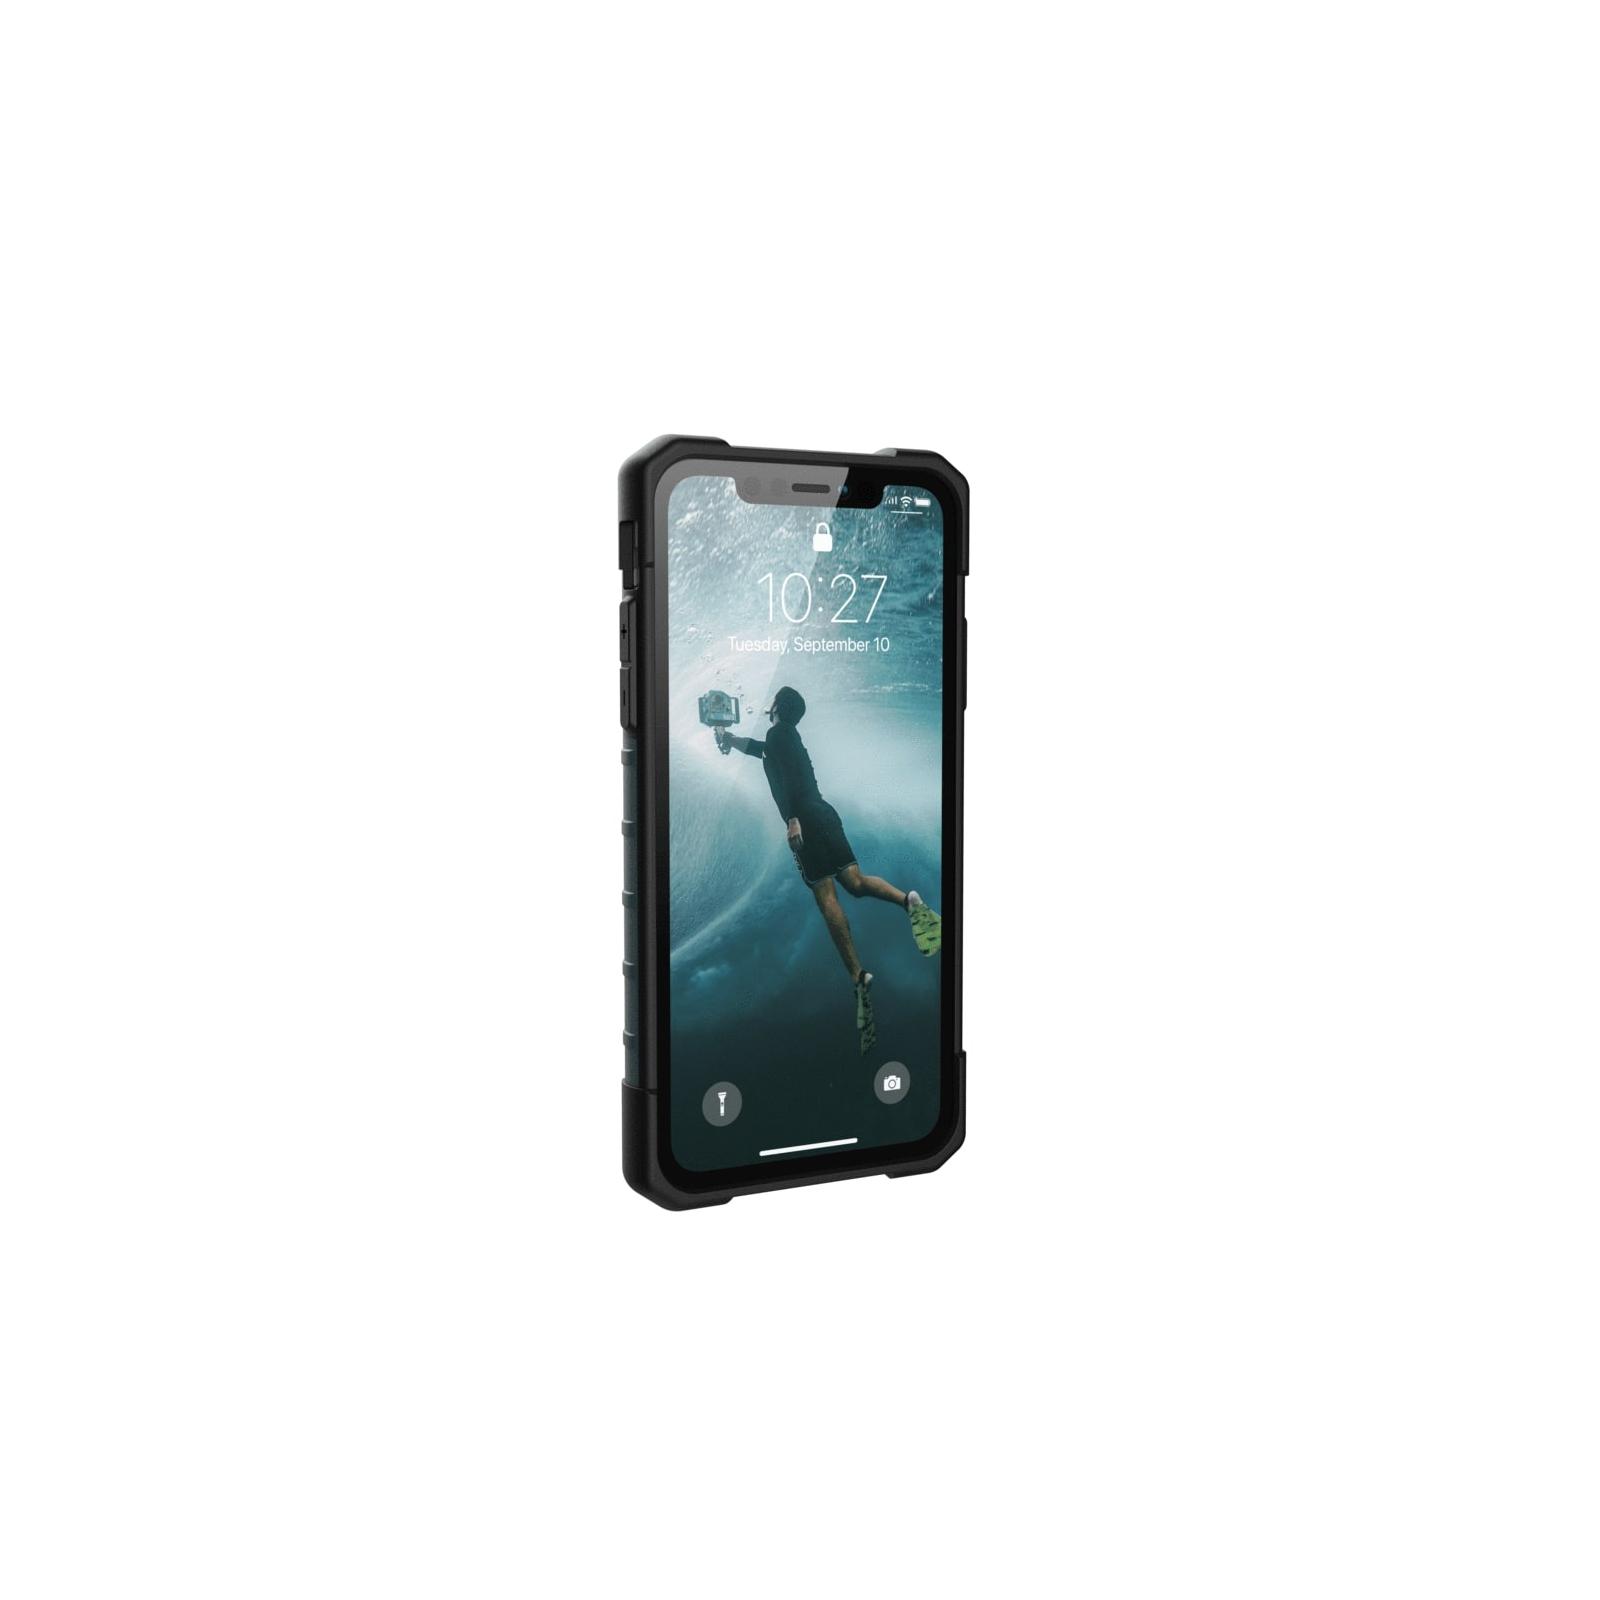 Чехол для моб. телефона Uag iPhone 11 Pathfinder, Black (111717114040) изображение 4